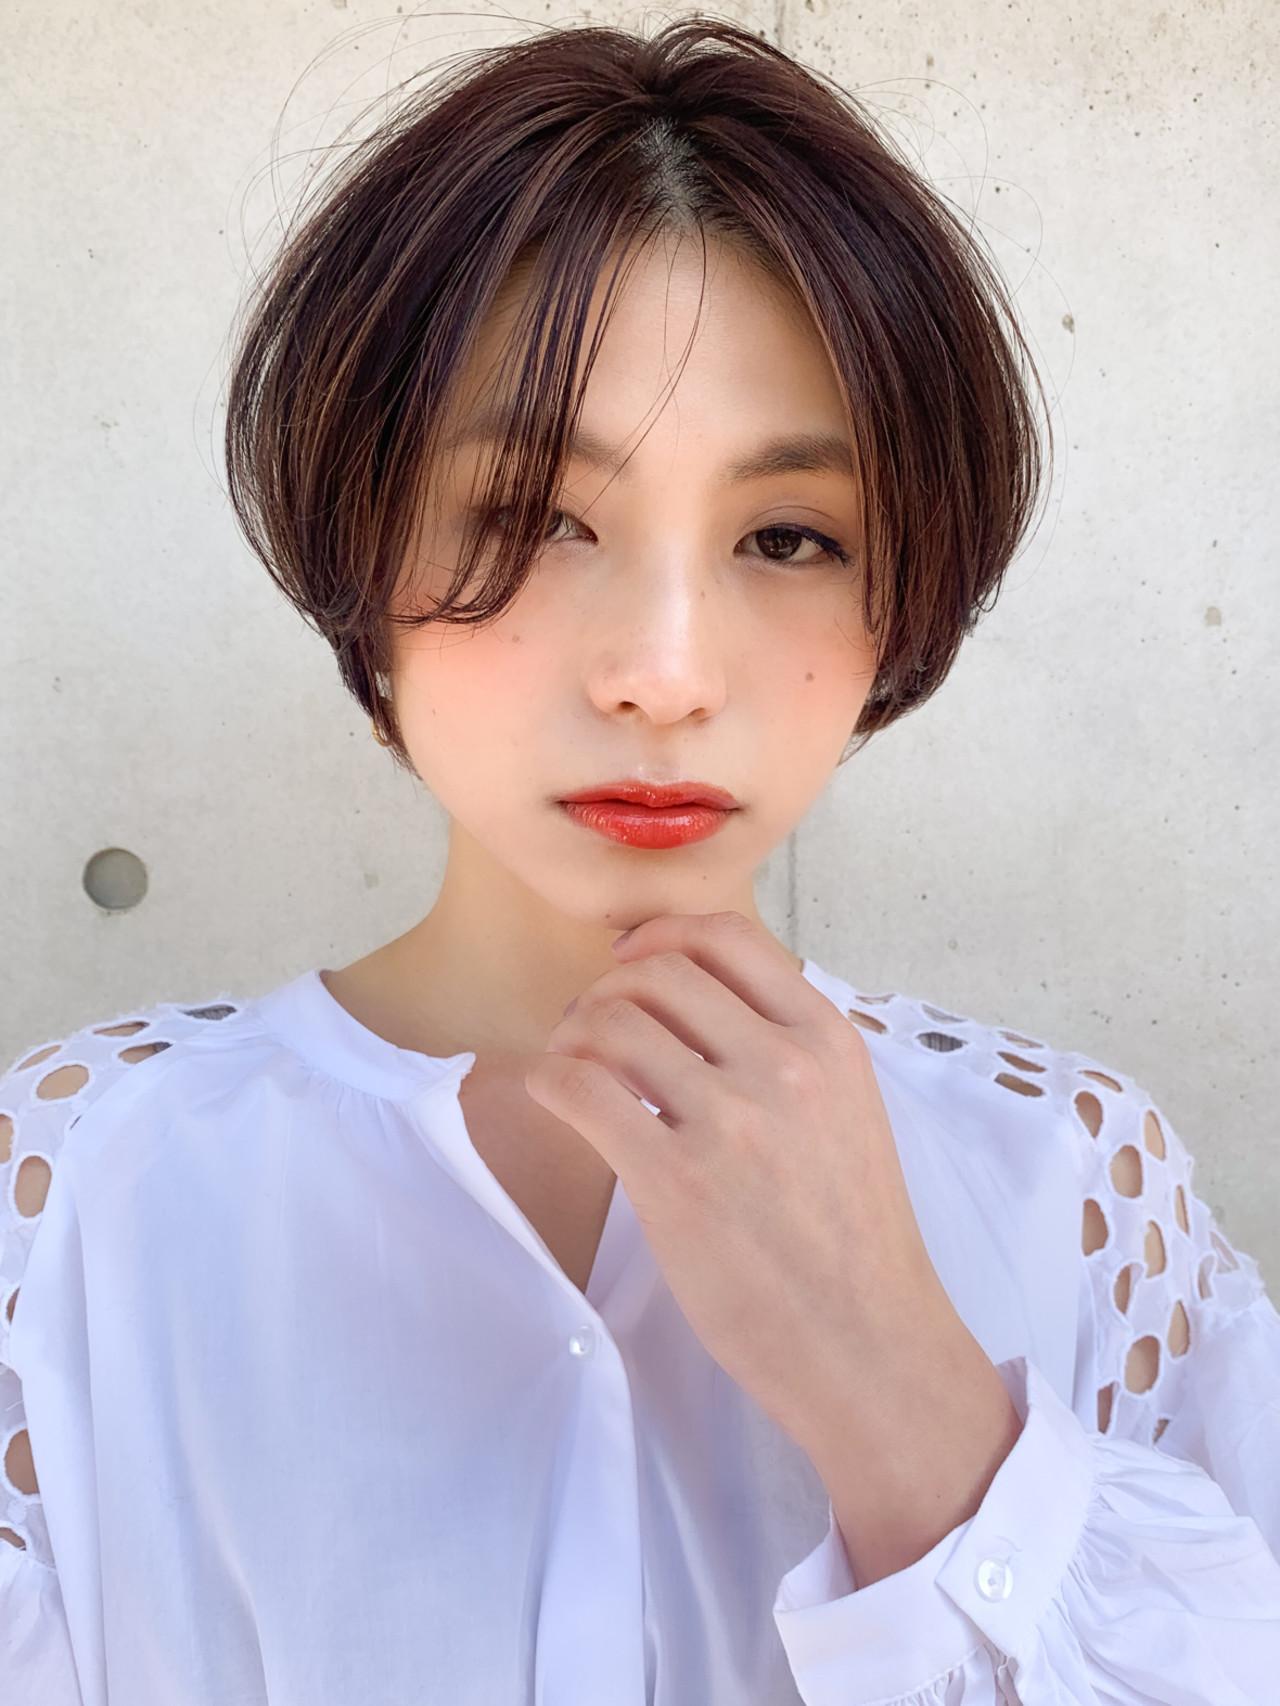 ふんわり前髪 ナチュラル ハイライト ショートボブ ヘアスタイルや髪型の写真・画像 | 永沢 由希代 / Agnos 青山